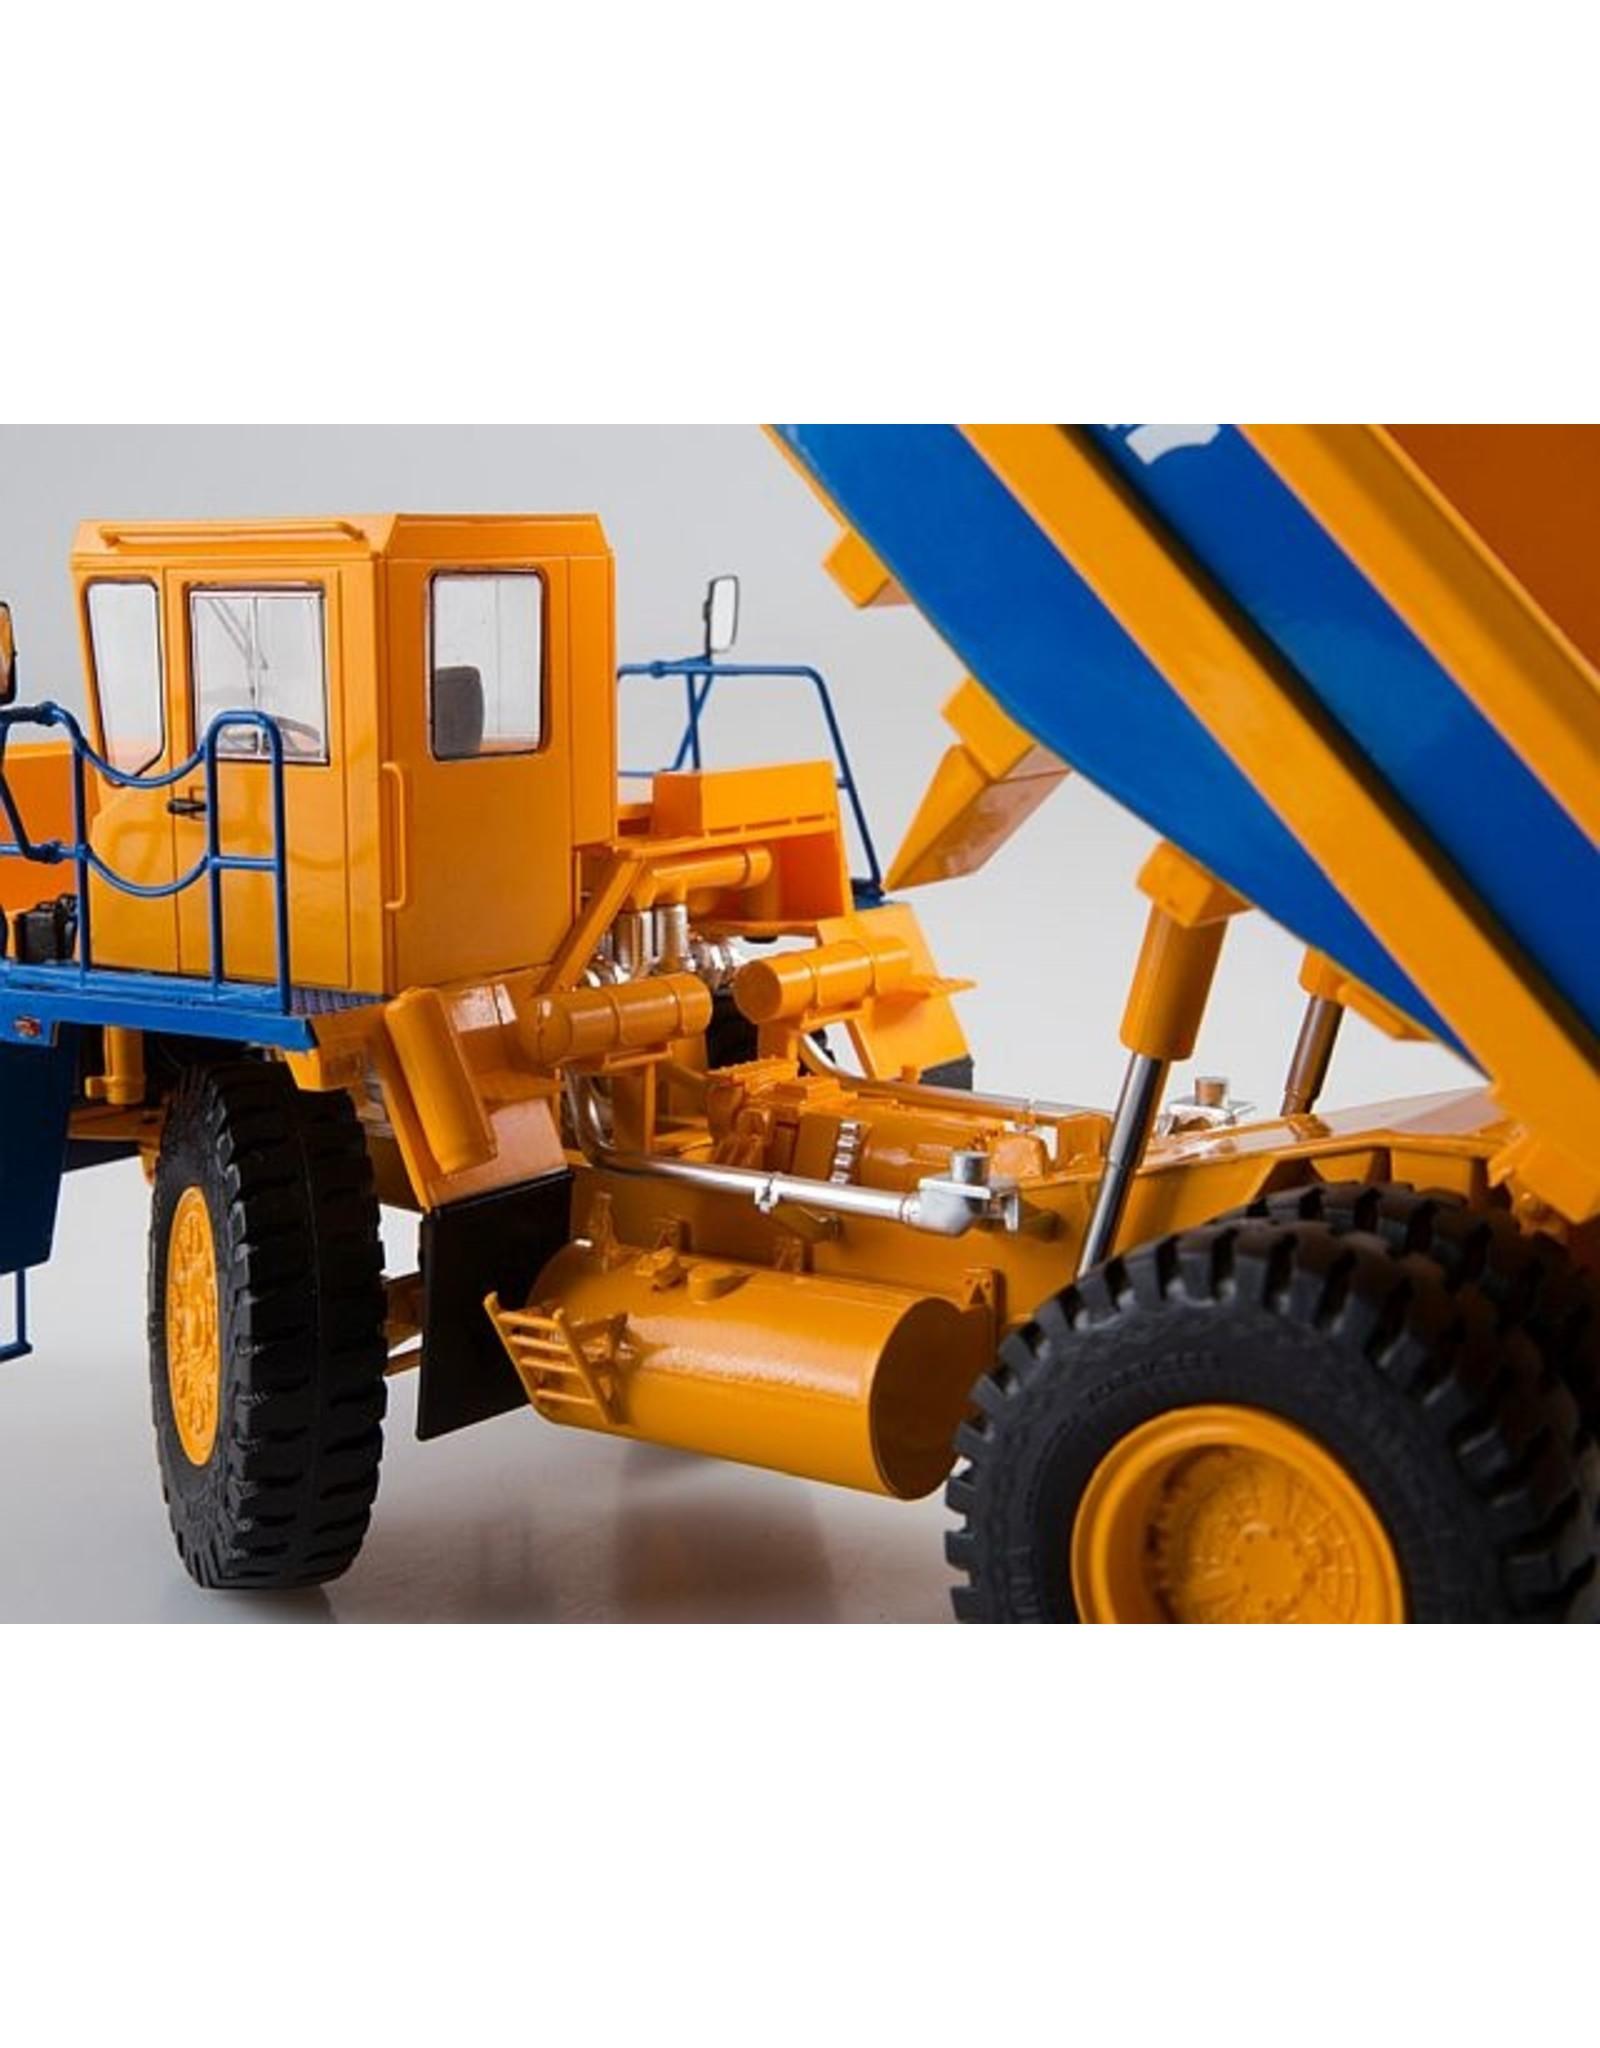 BelAZ BELAZ-7547 quarry dump truck(yellow/blue).